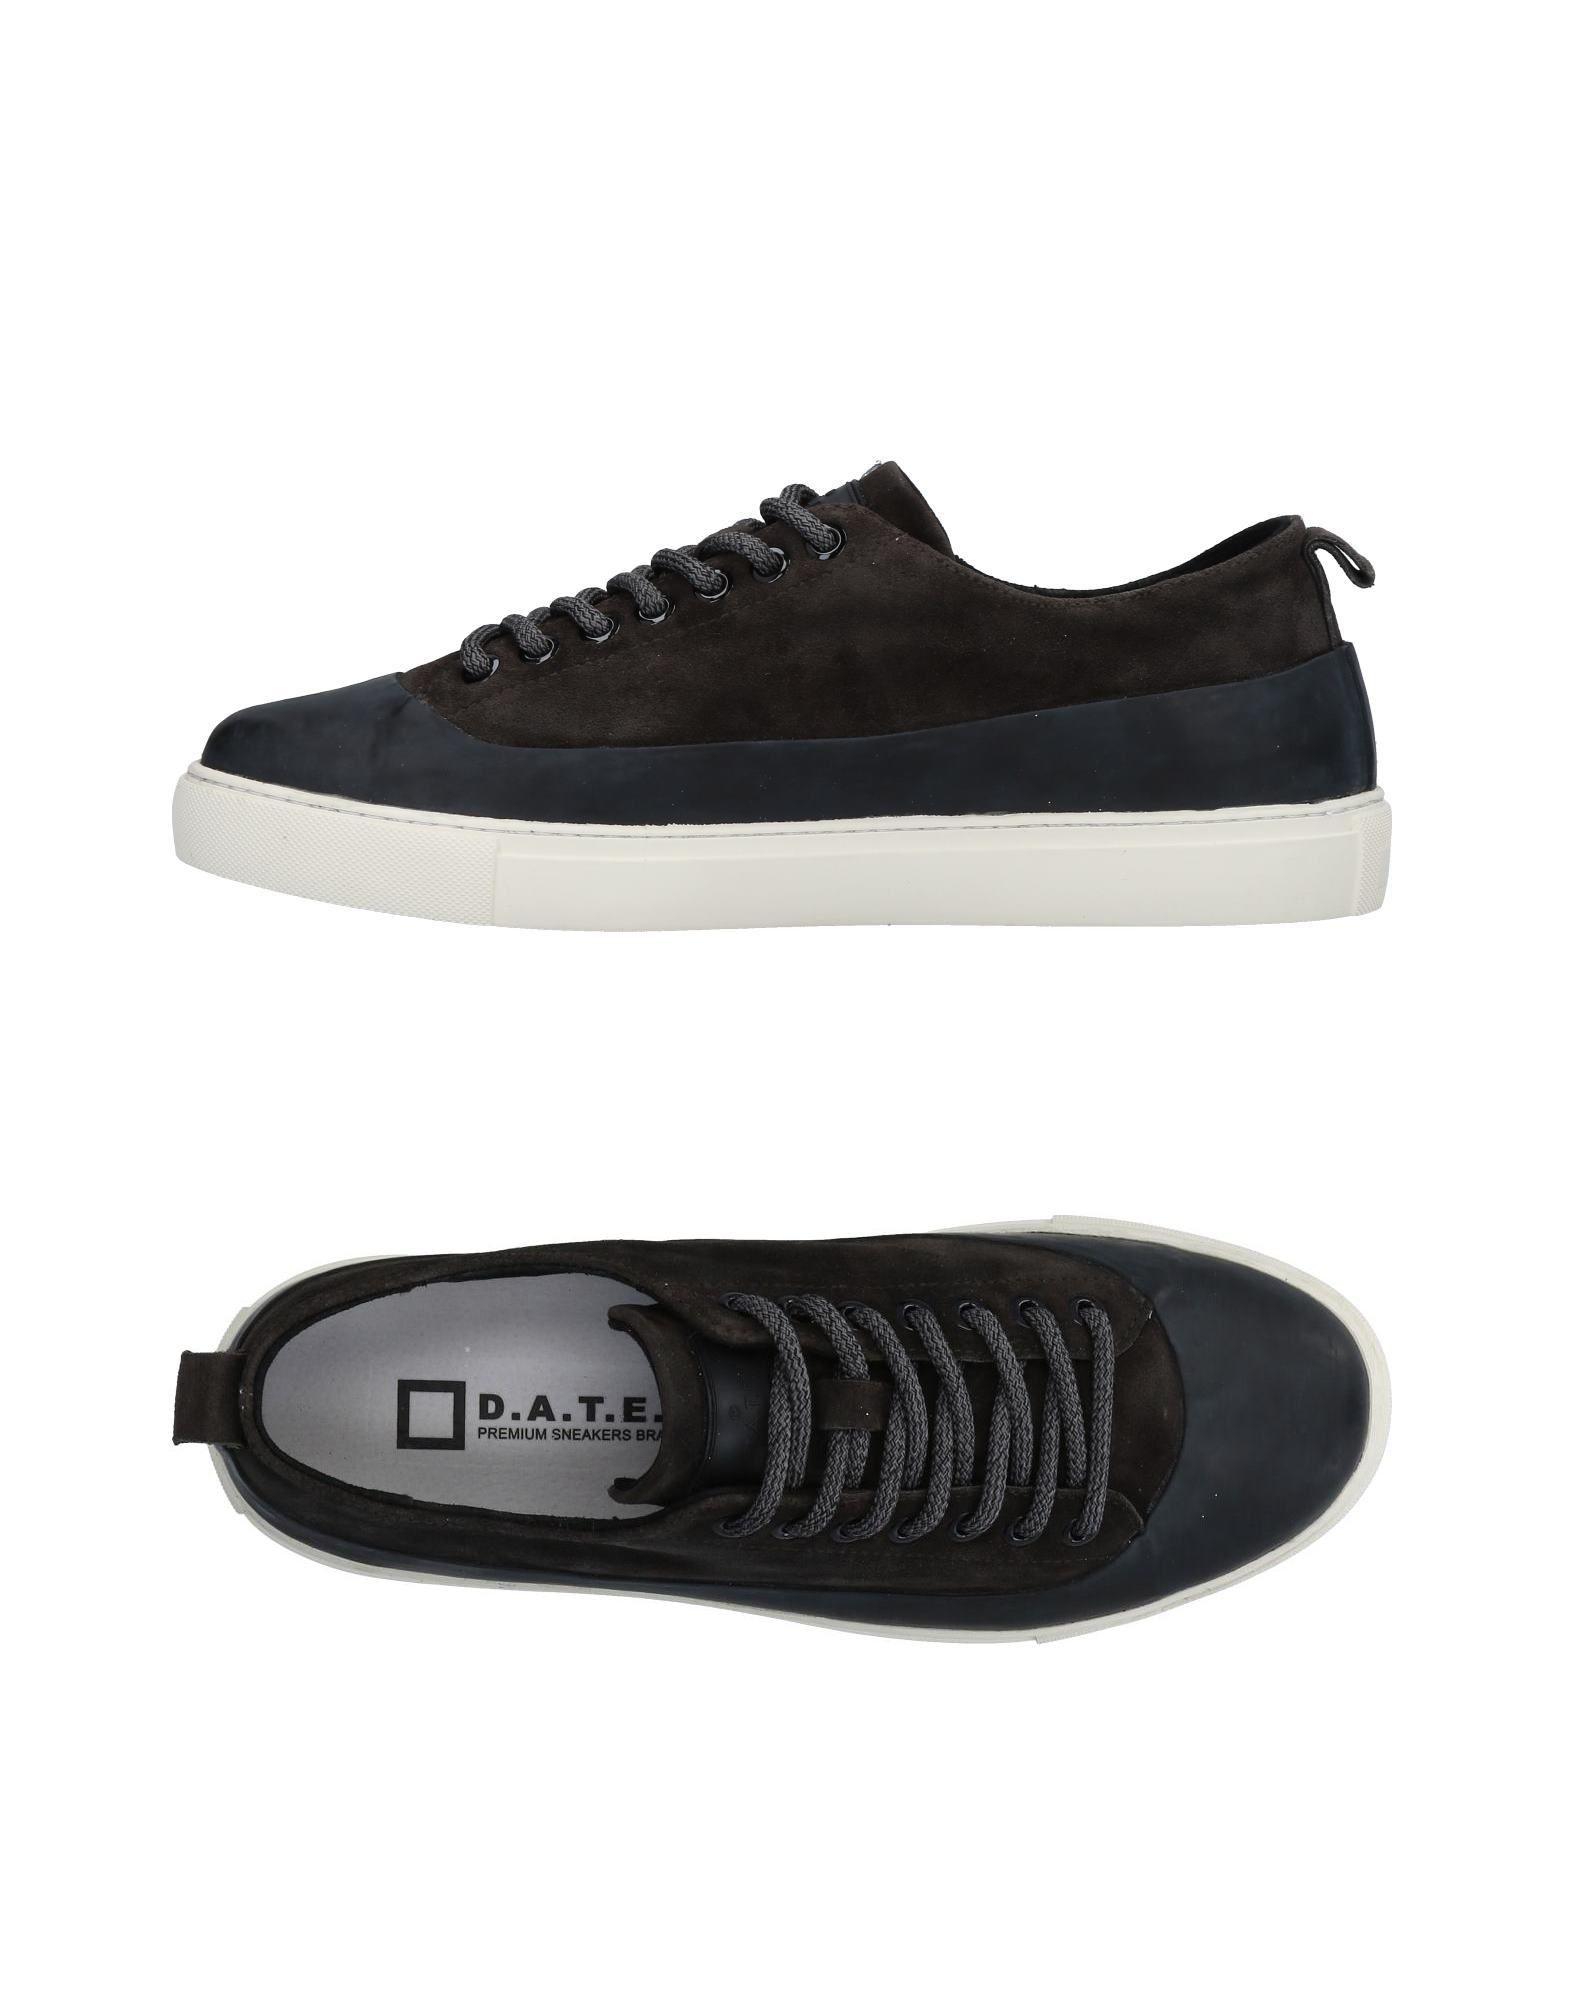 Rabatt echte  Schuhe D.A.T.E. Sneakers Herren  echte 11486587QH ad49b1